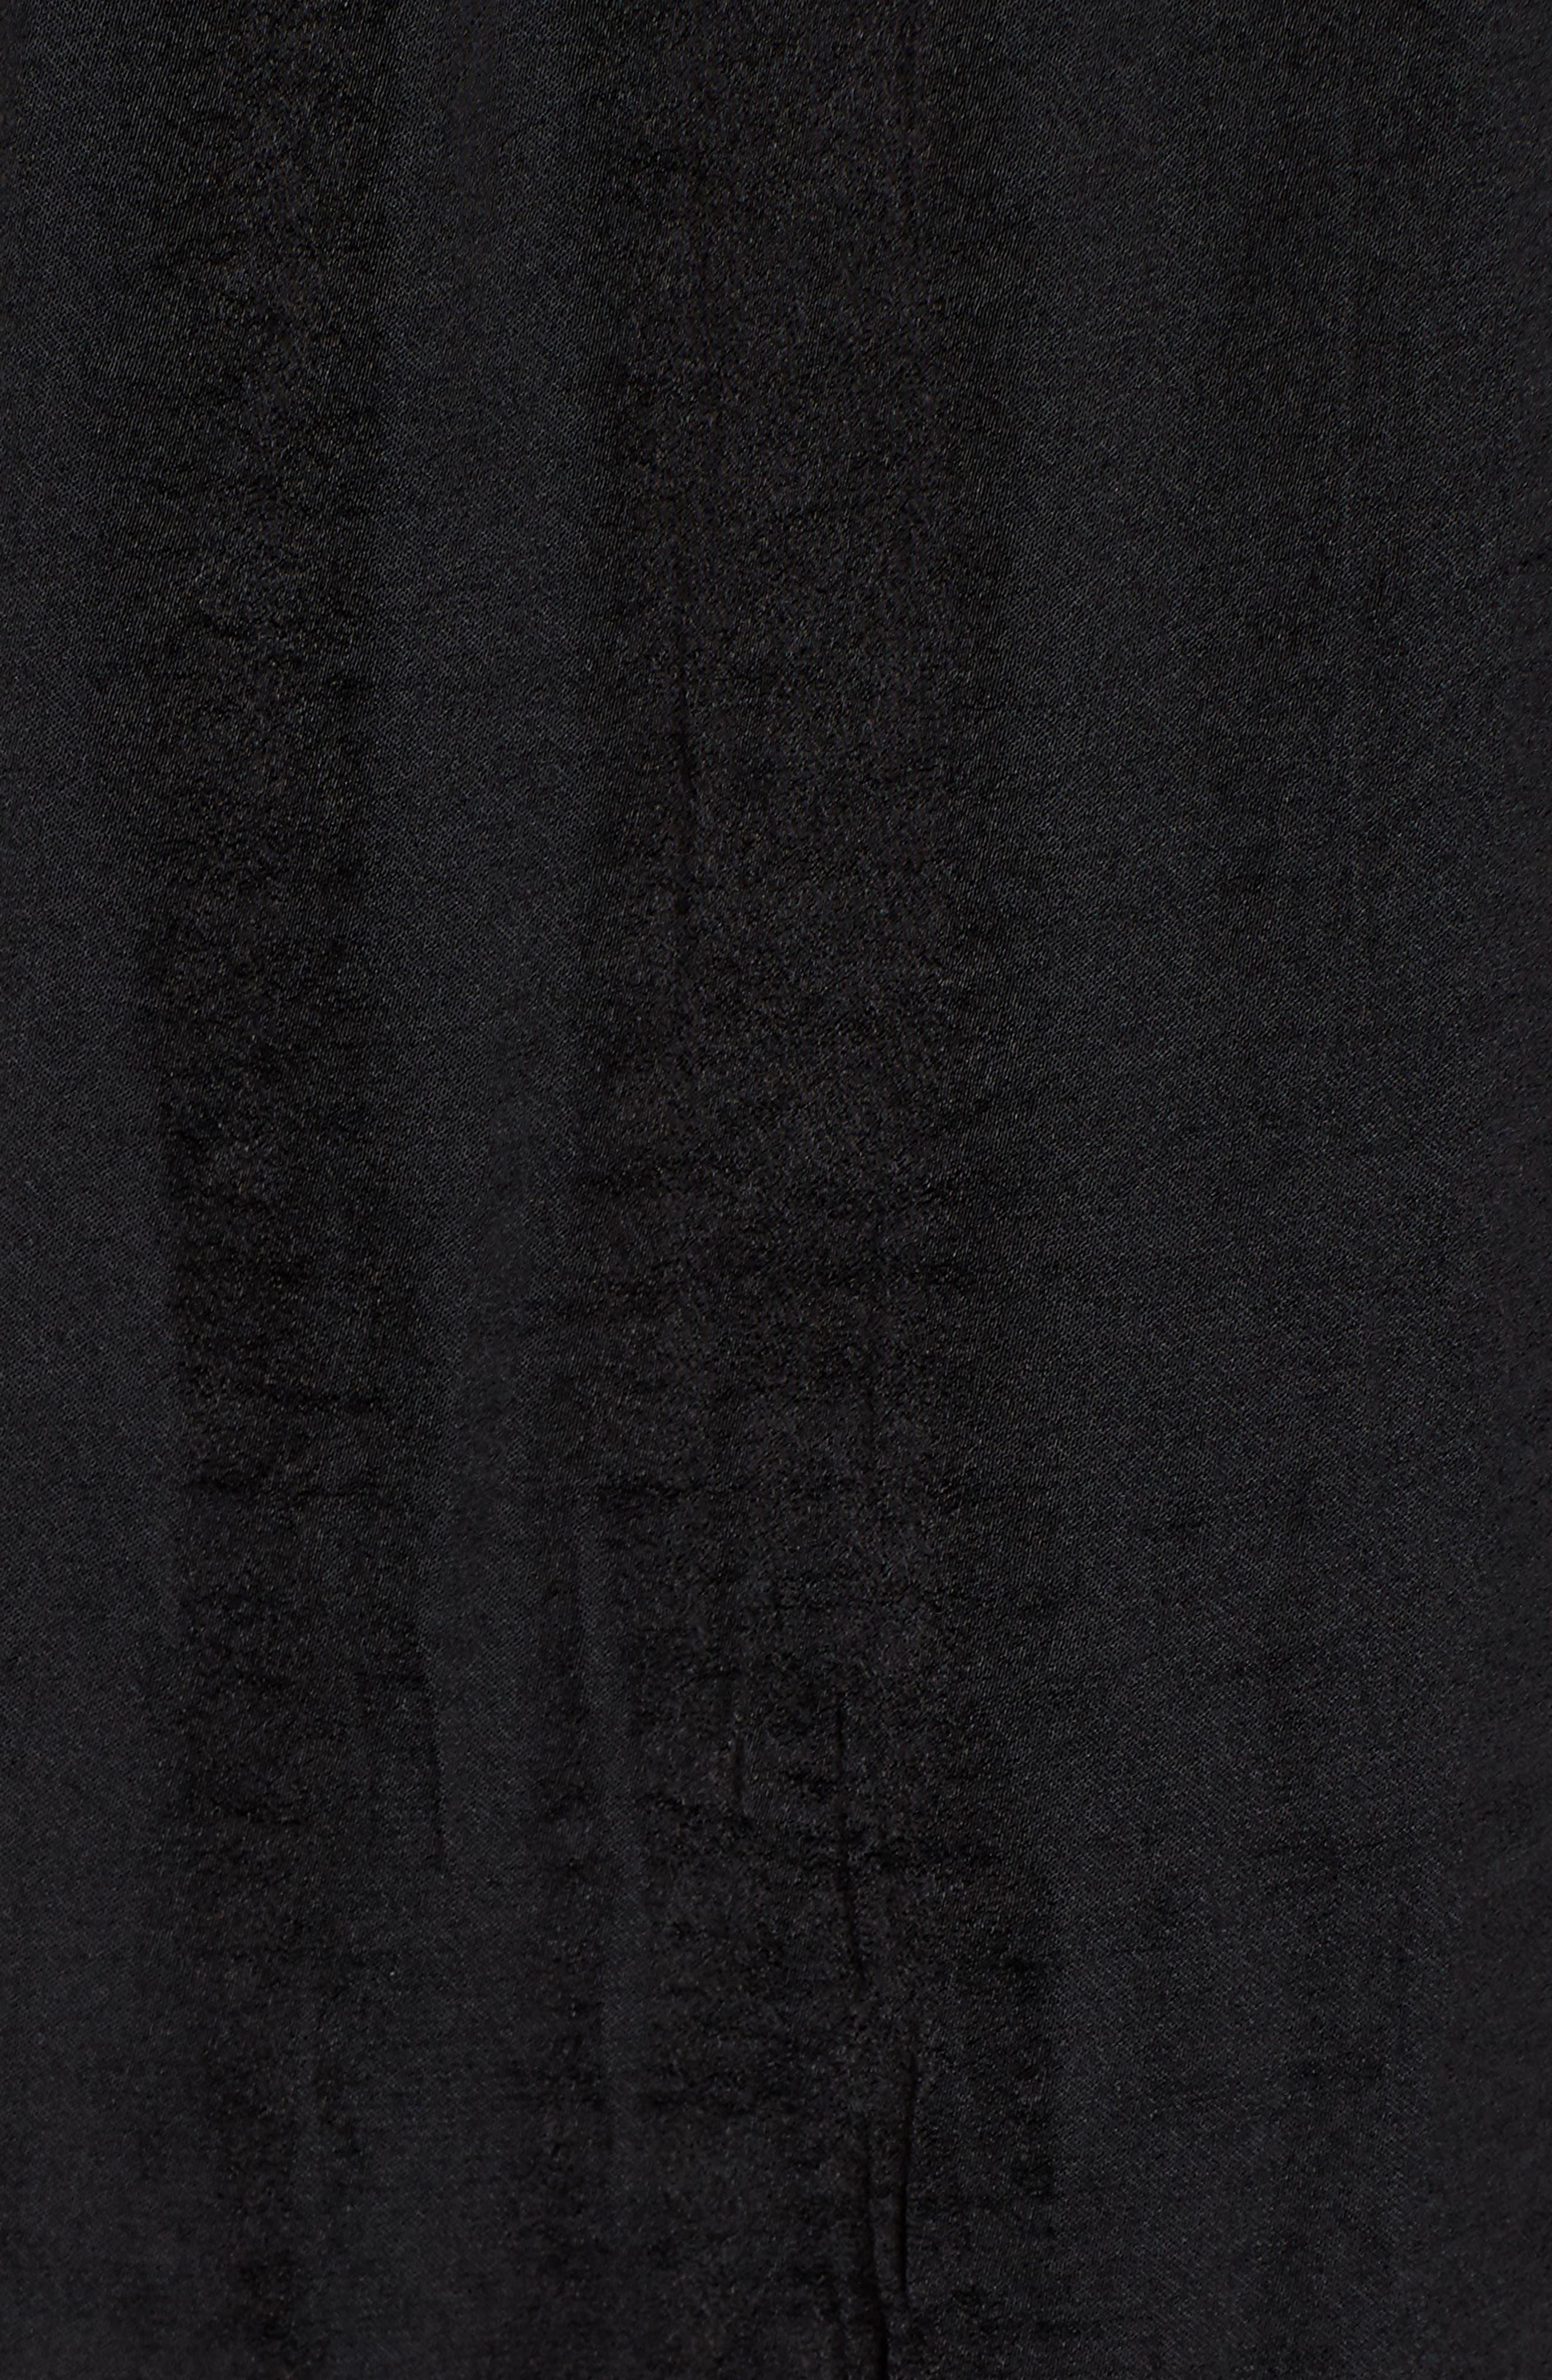 Rumple Fabric Blouse,                             Alternate thumbnail 5, color,                             RICH BLACK